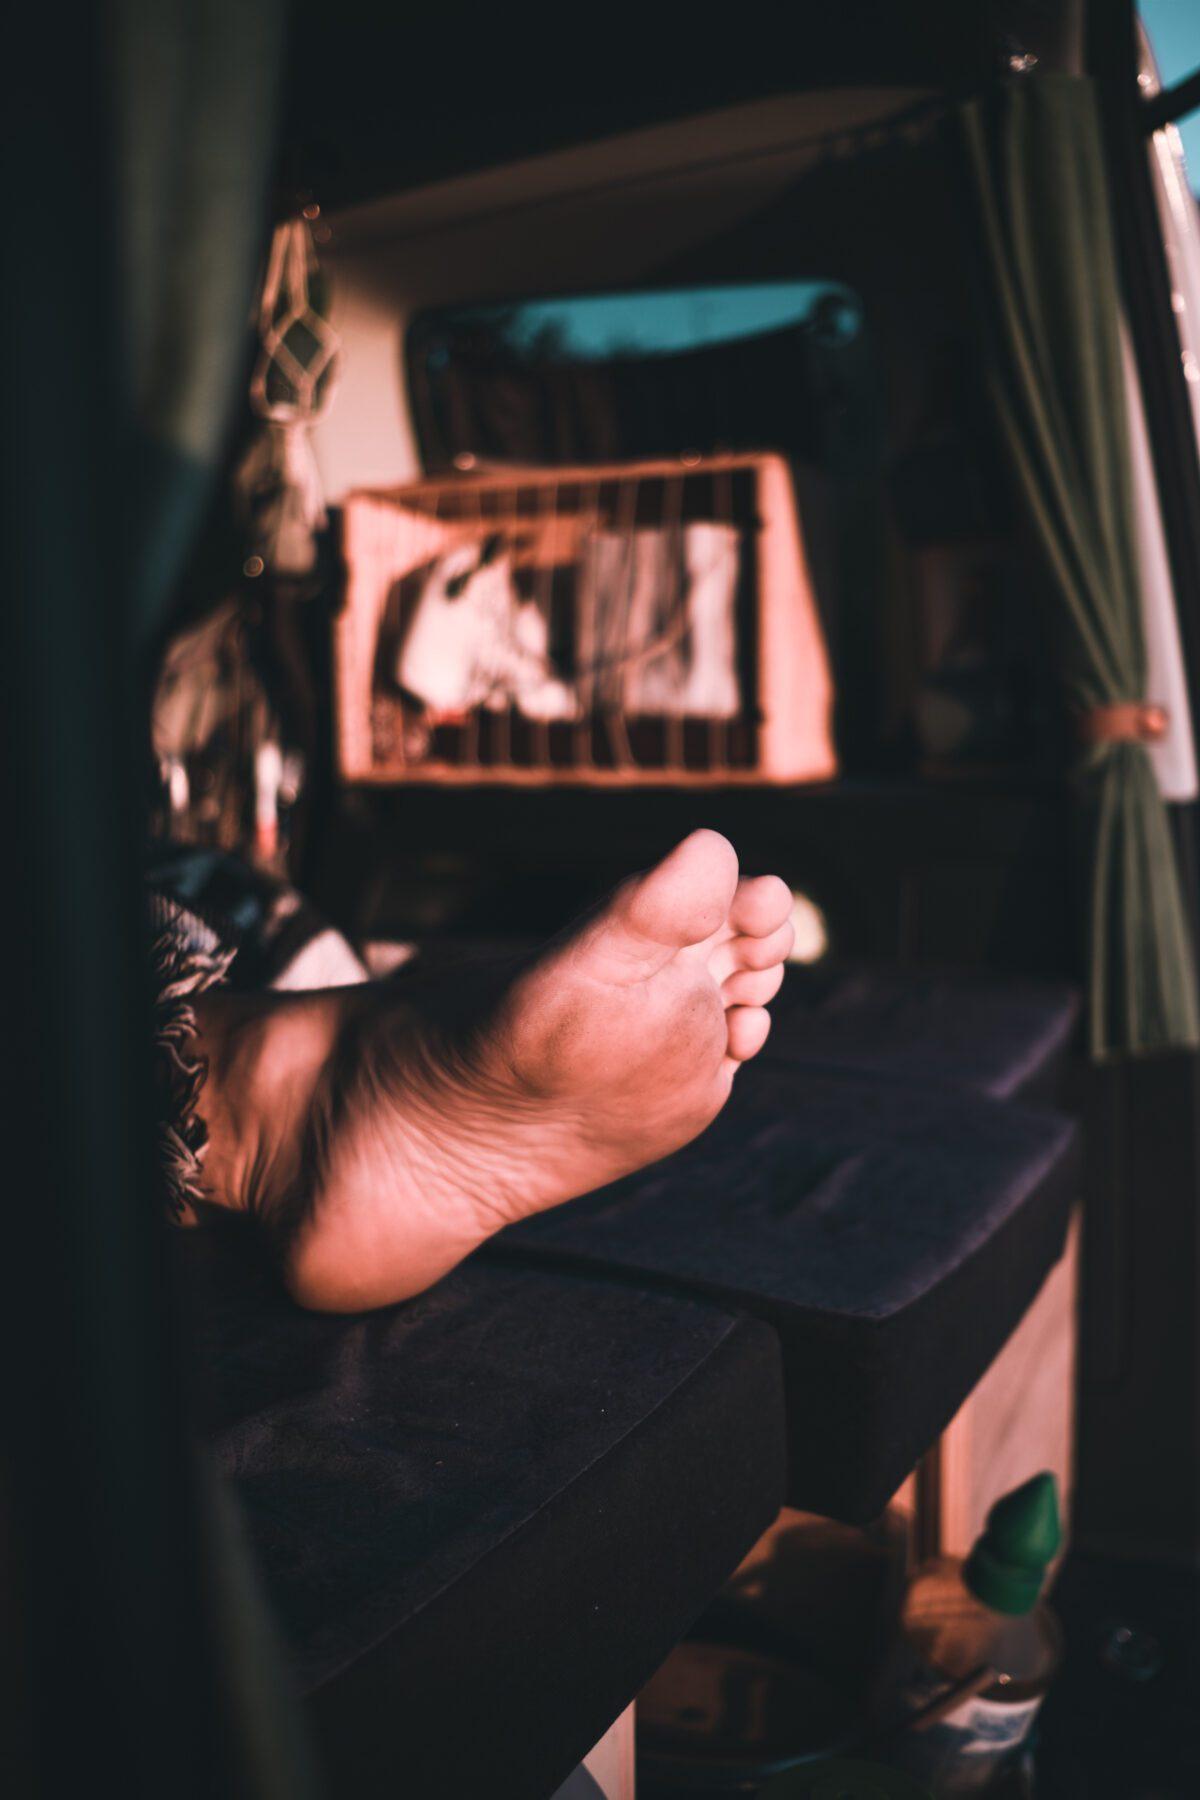 Sleeping in a van